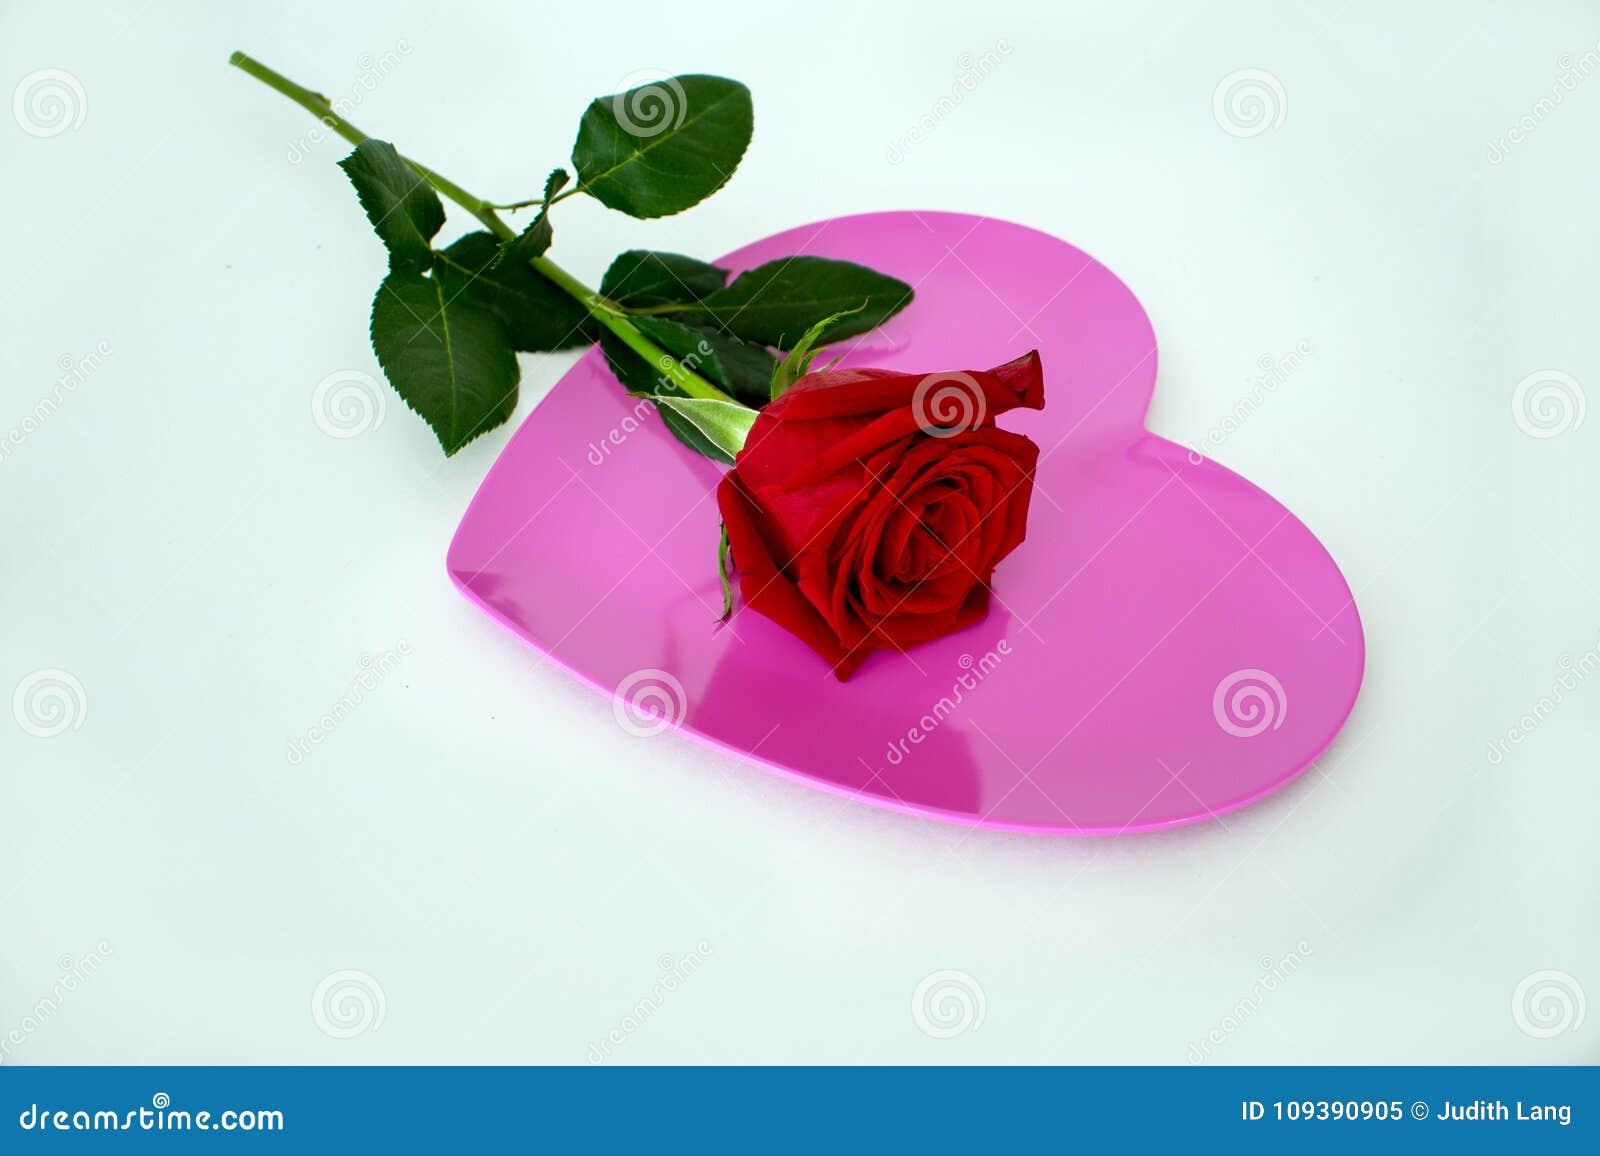 Το ένα κόκκινο αυξήθηκε τοποθετημένος πάνω από το ρόδινο διαμορφωμένο καρδιά πιάτο